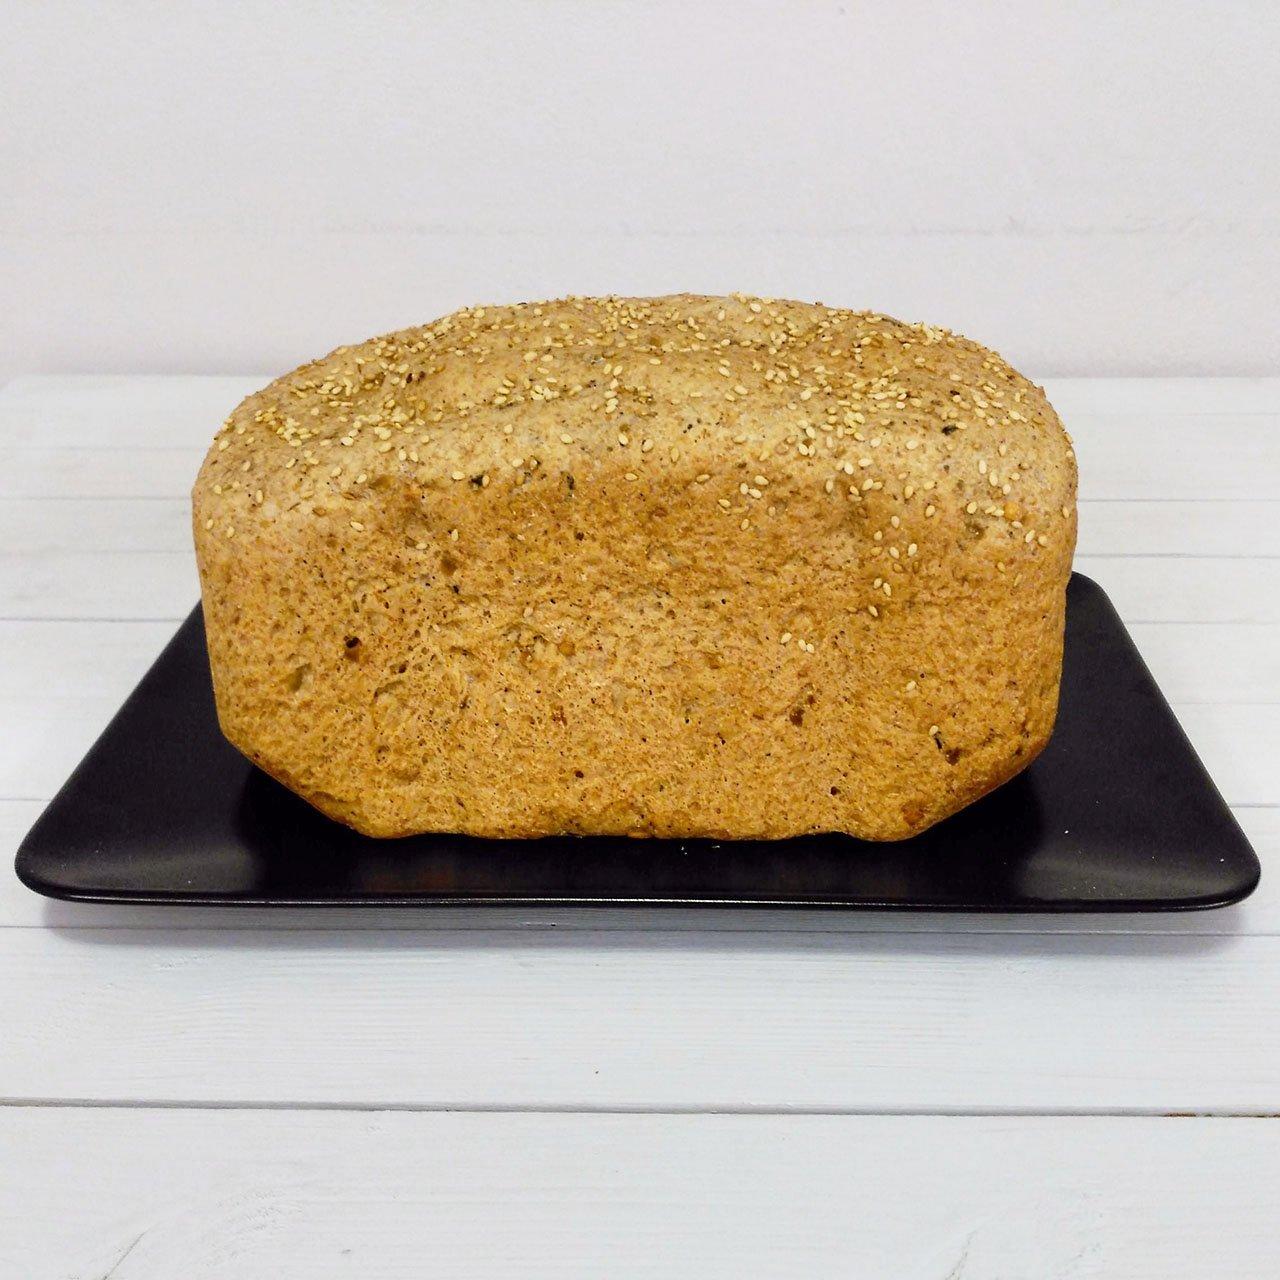 Pan de olivas verdes a las finas hierbas (panificadora)